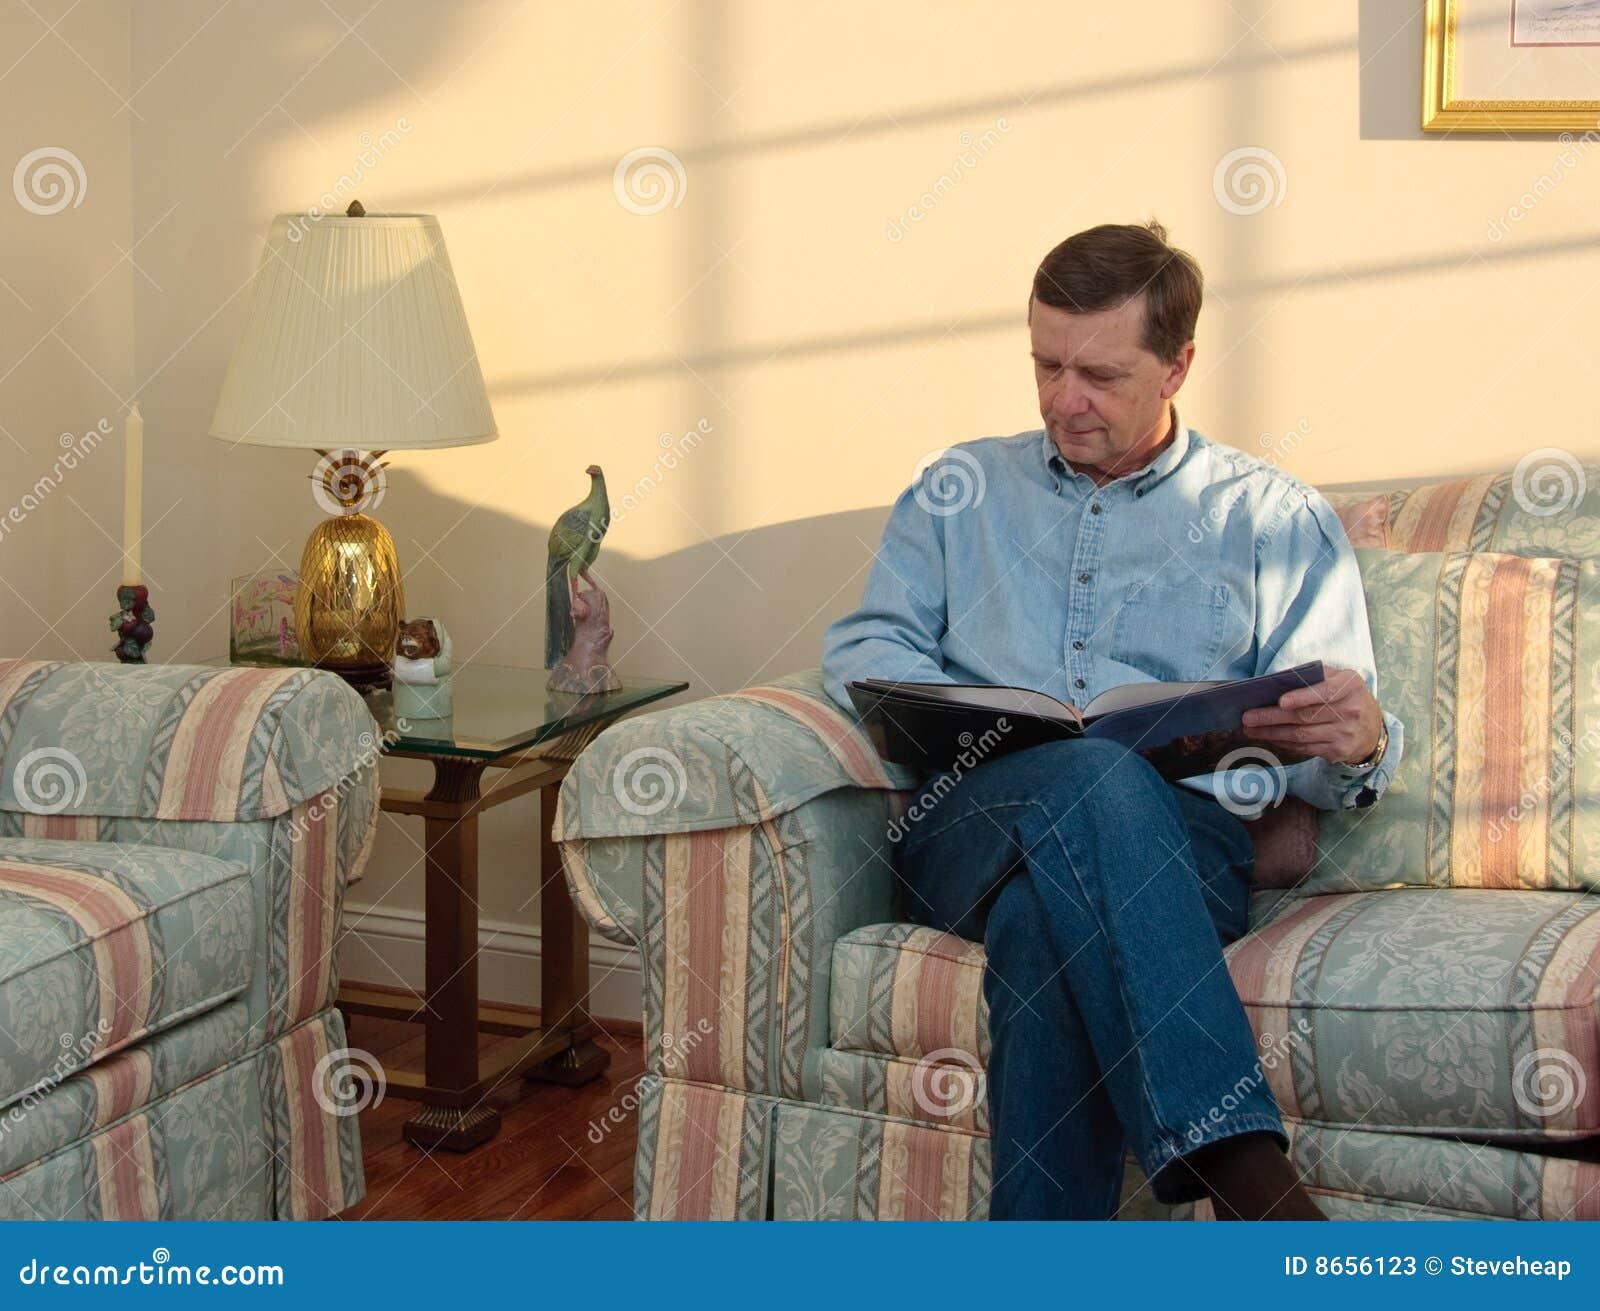 El hombre de mediana edad se relaja en el sofá